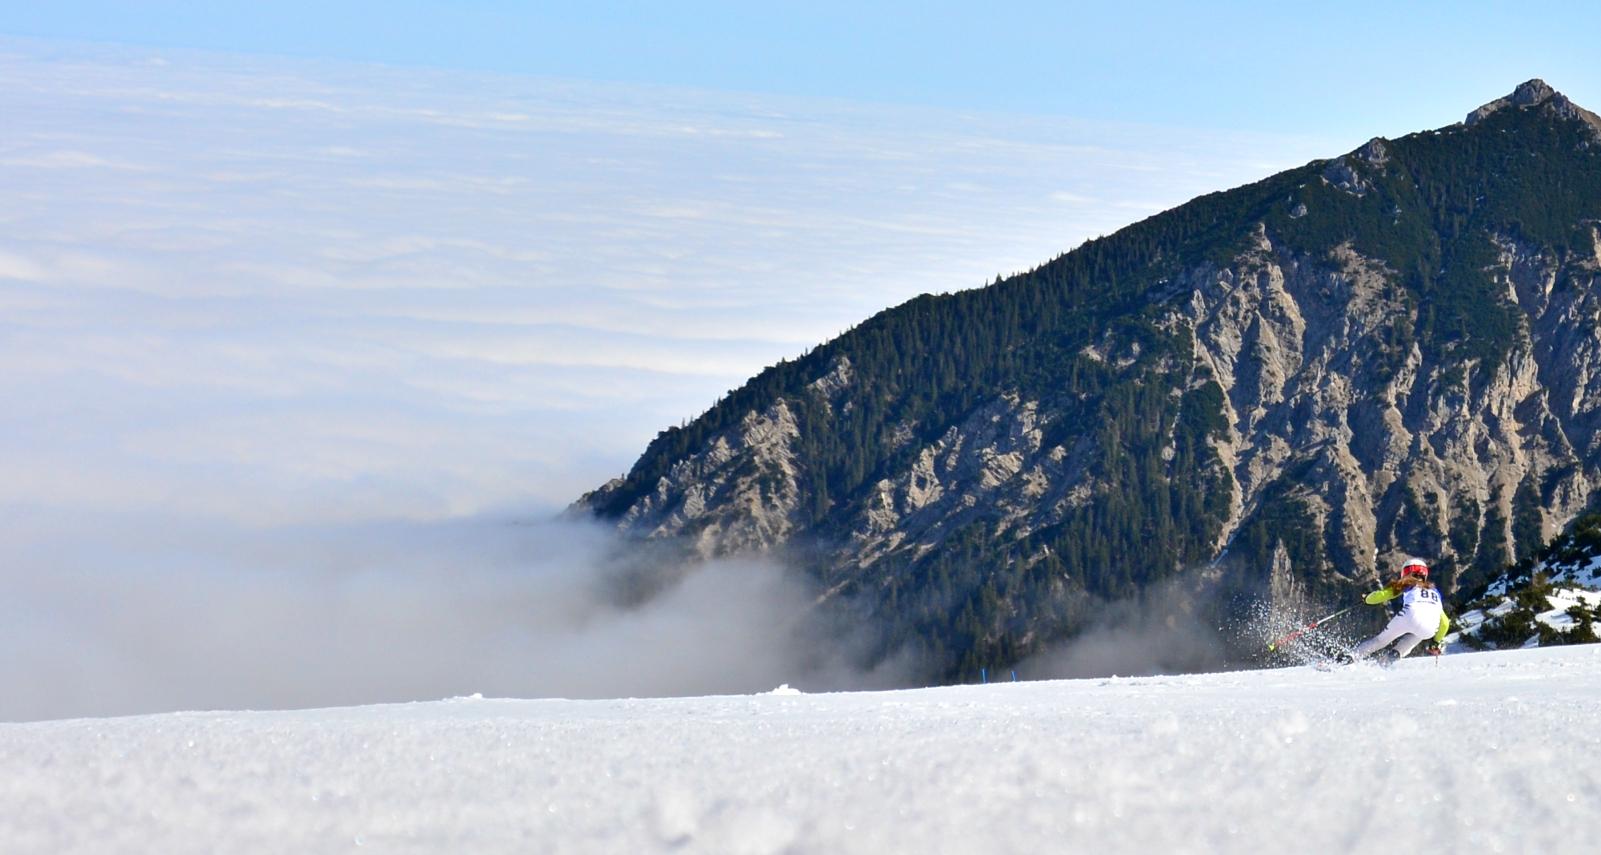 O0127_Skirennen_über_den_Wolken.jpg